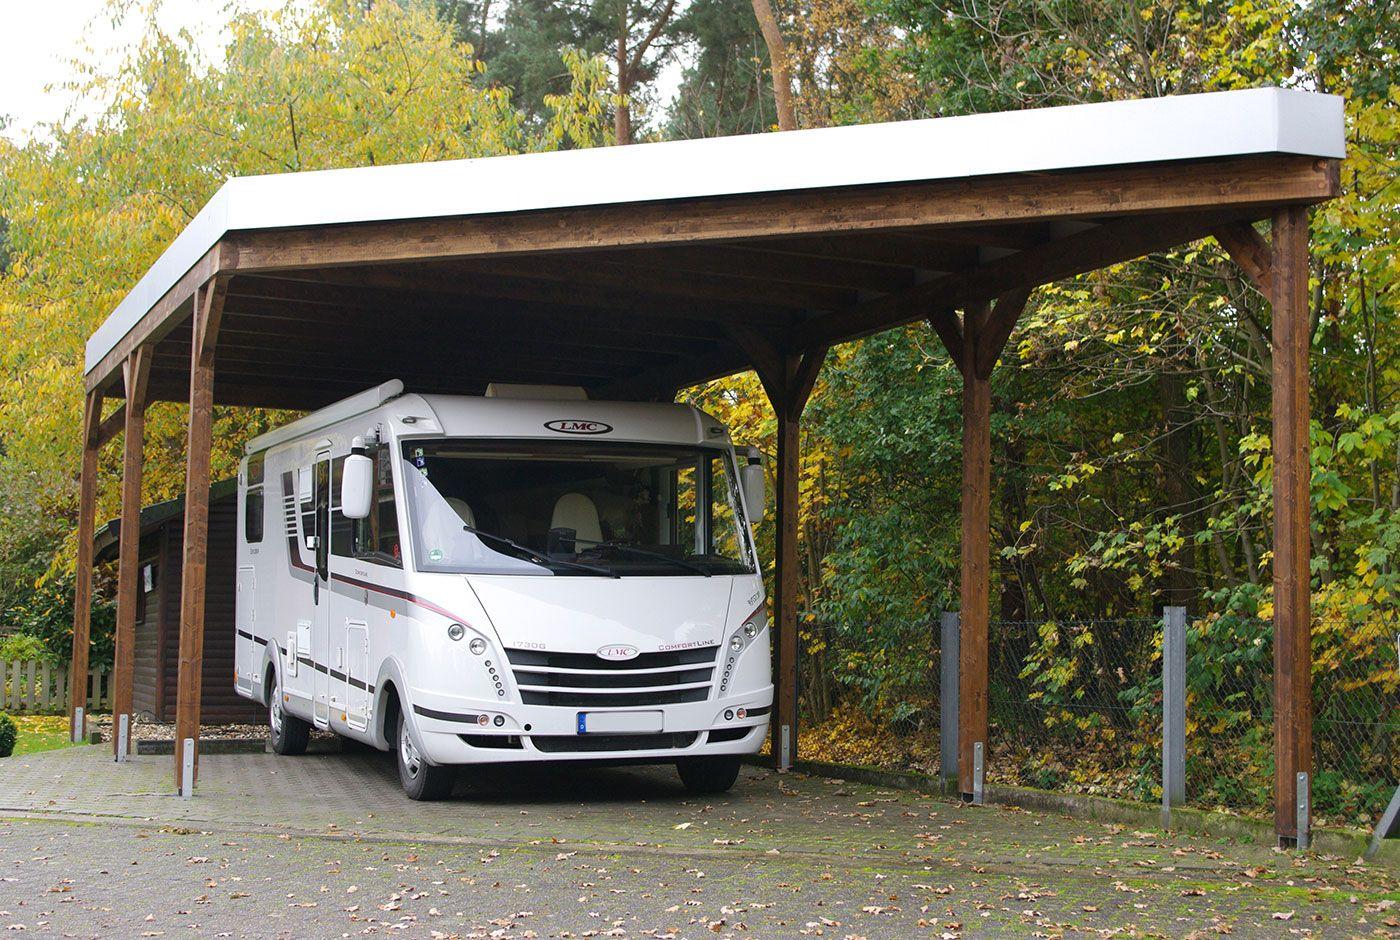 ein carport f r wohnwagen gibt es bei steda die durchfahrtsh he ist dem wohnmobil angepasst. Black Bedroom Furniture Sets. Home Design Ideas